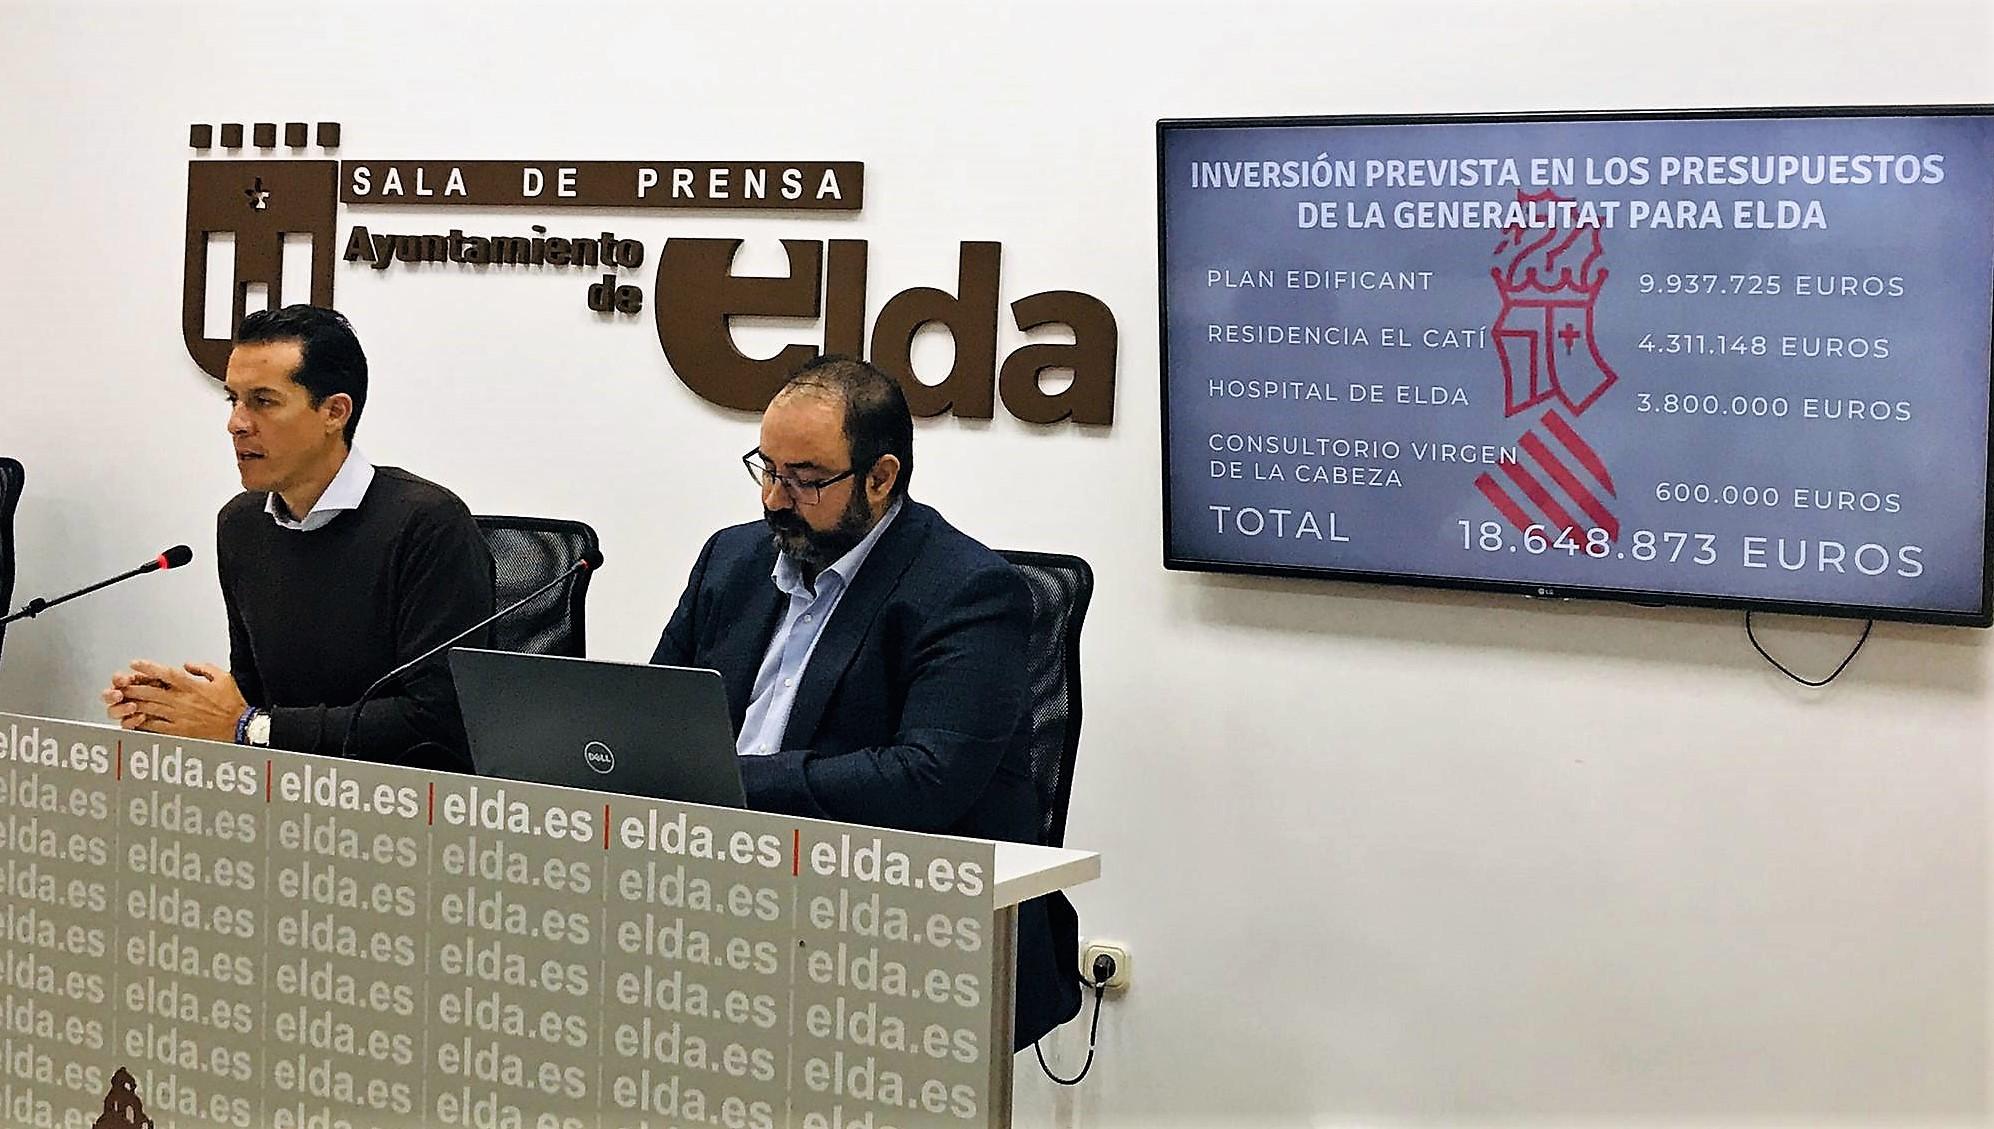 Presupuestos 2020 de la Generalitat Valenciana en Elda